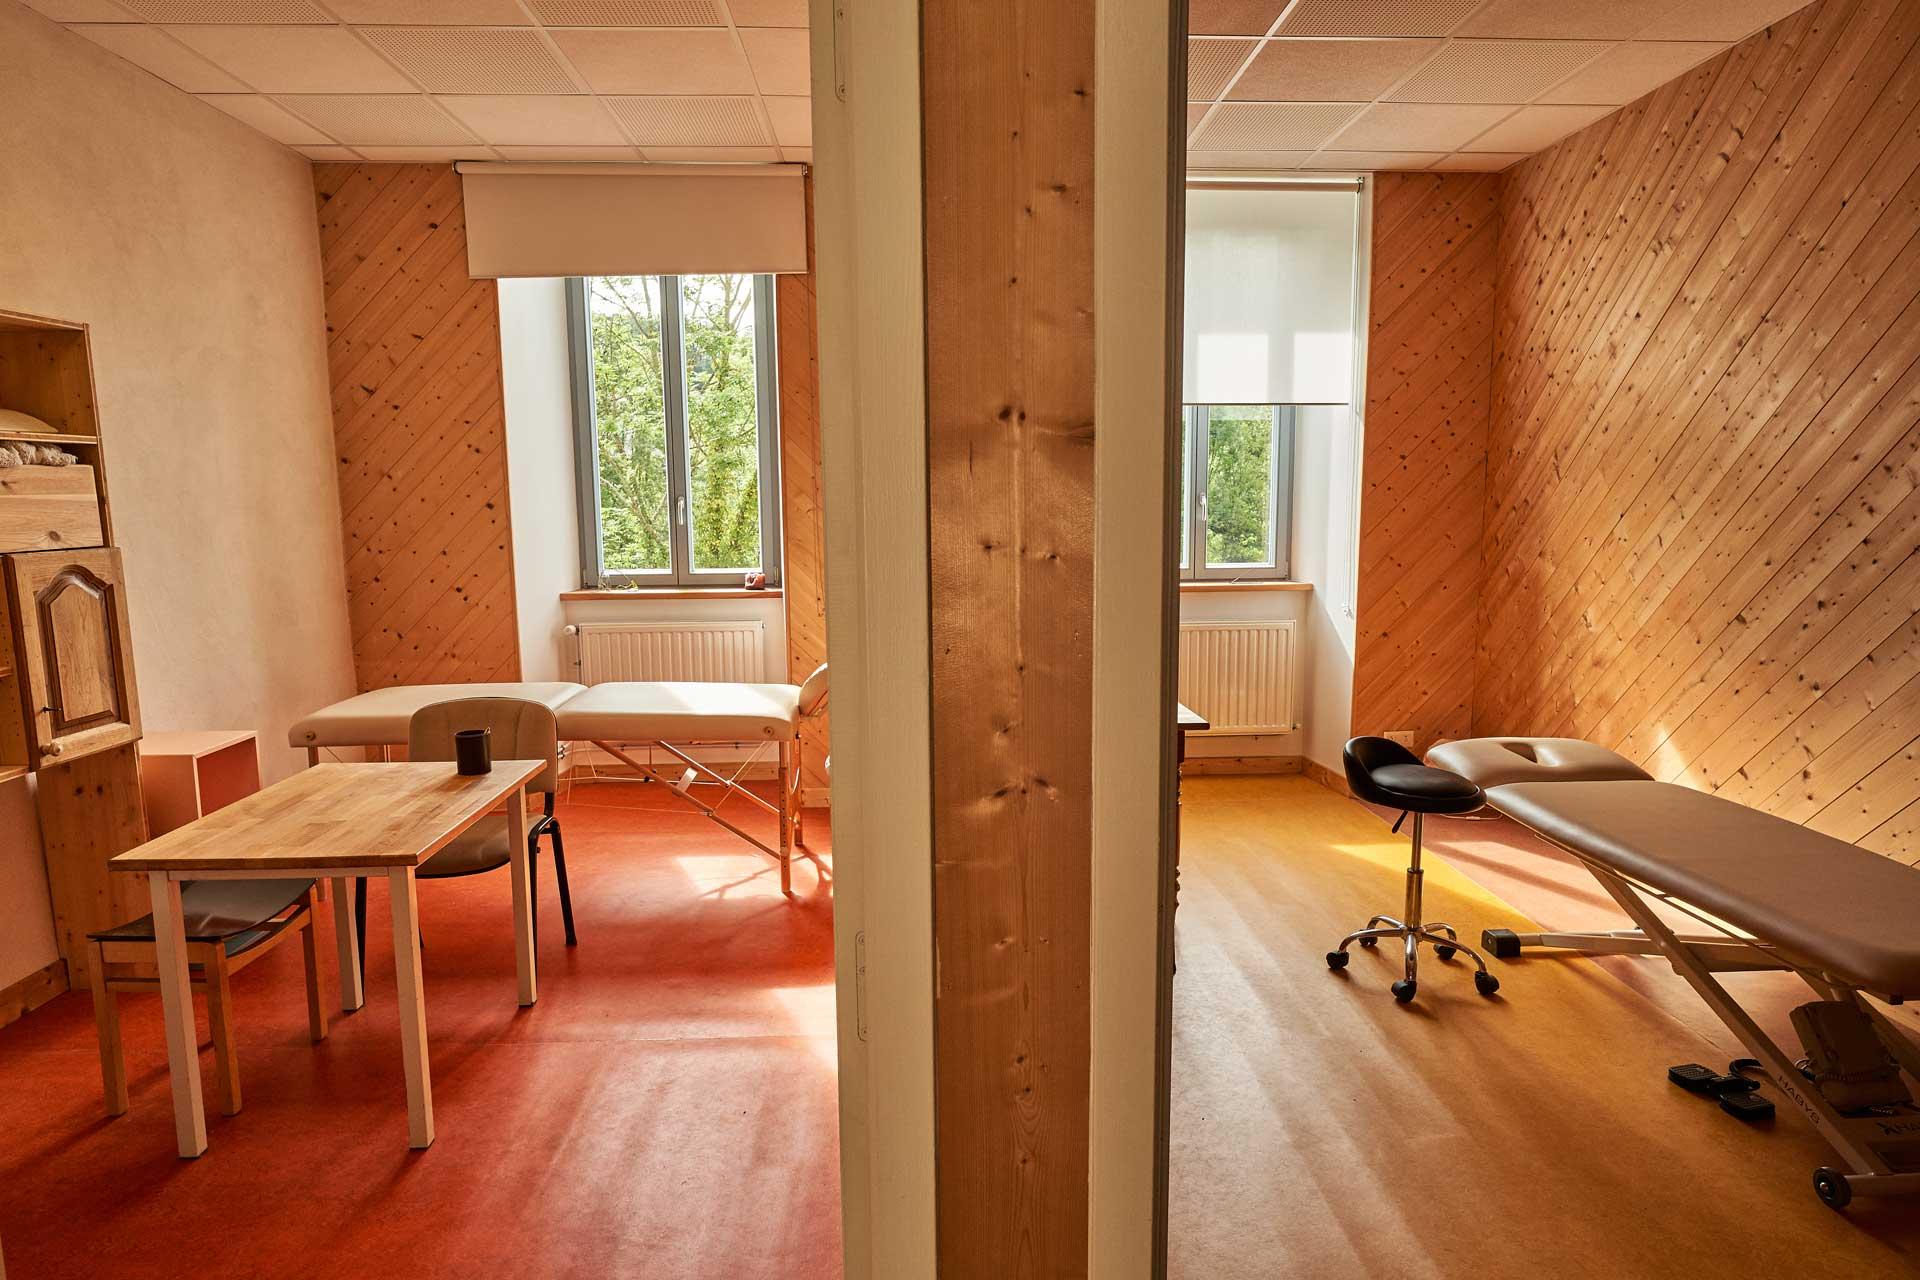 Salle pour les thérapeutes de l'Espace Soins et Bien-Être de Die